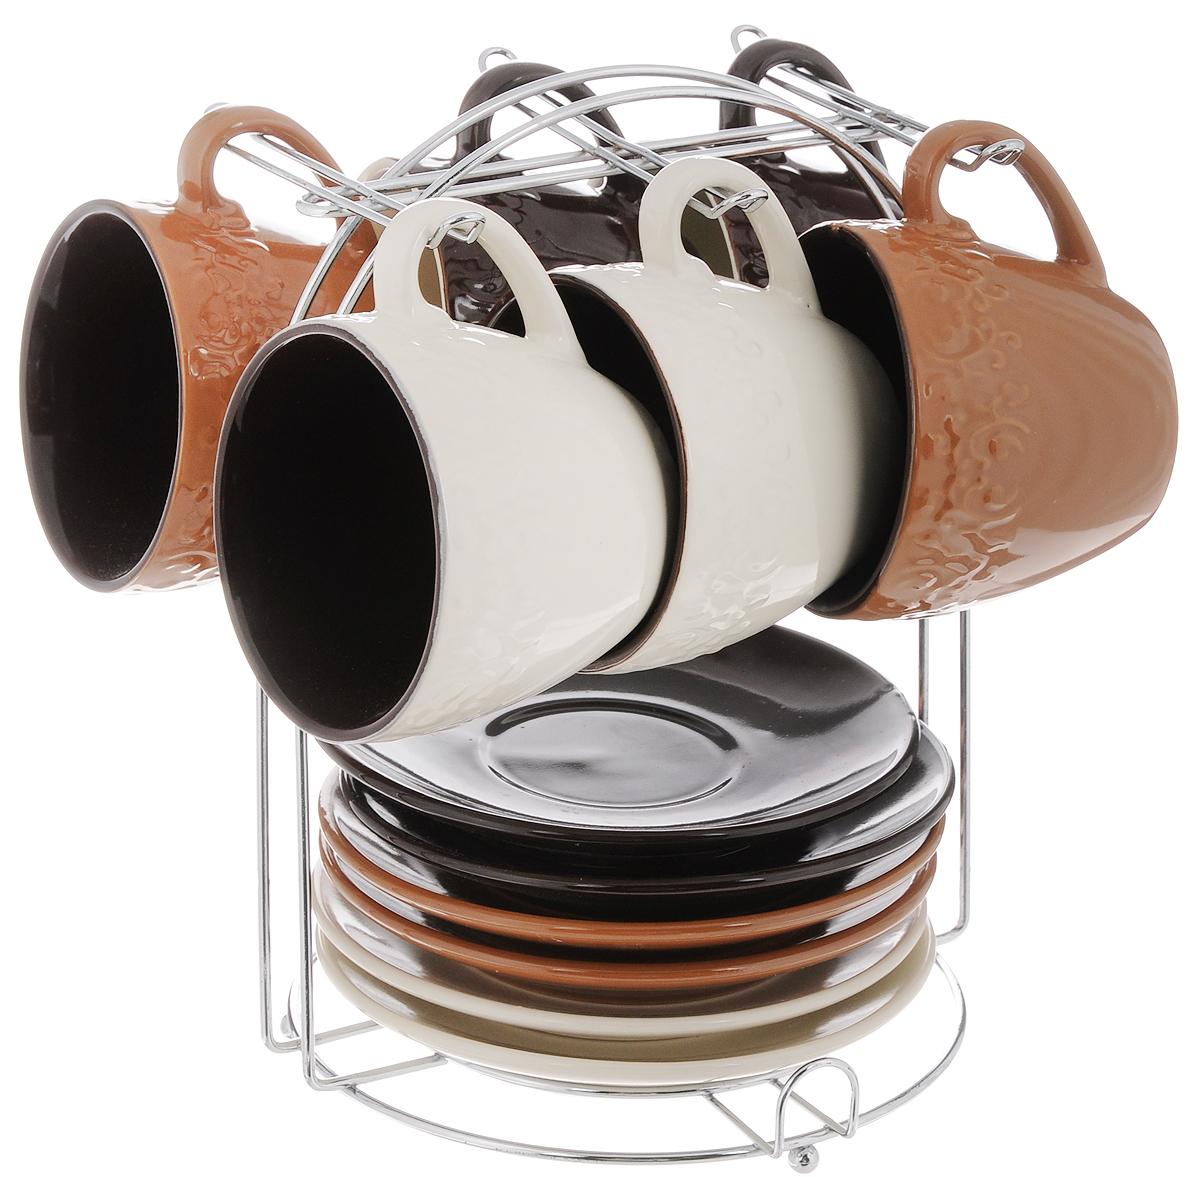 Набор чайный Loraine, на подставке, 13 предметов. 24664115510Набор Loraine состоит из шести чашек и шести блюдец, изготовленных из высококачественной керамики. Чашки оформлены рельефным узором. Изделия расположены на металлической подставке. Такой набор подходит для подачи чая или кофе.Изящный дизайн придется по вкусу и ценителям классики, и тем, кто предпочитает утонченность и изысканность. Он настроит на позитивный лад и подарит хорошее настроение с самого утра. Чайный набор Loraine - идеальный и необходимый подарок для вашего дома и для ваших друзей в праздники.Можно мыть в посудомоечной машине. Объем чашки: 220 мл. Диаметр чашки (по верхнему краю): 8,3 см. Высота чашки: 7,3 см. Диаметр блюдца: 14 см. Размер подставки: 17 х 17 х 22 см.